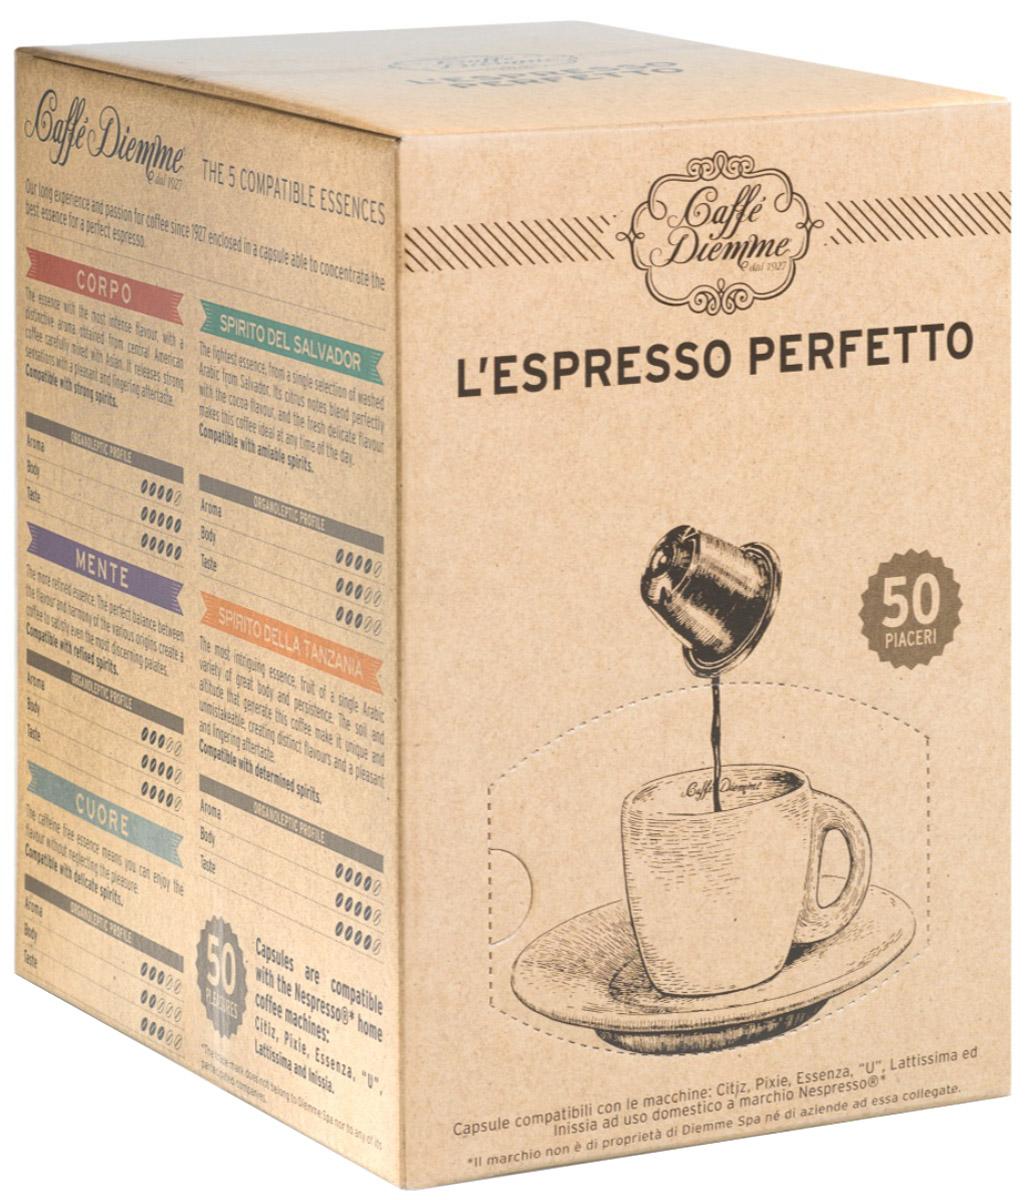 Diemme Caffe Mente кофе в капсулах, 50 шт8003866002104Diemme Caffe Mente наиболее изысканный аромат. Мудрое и гармоничное сочетание зерен различных сортов создало смесь с насыщенным и многогранным вкусом, способную удовлетворить запросы самых требовательных любителей и гурманов. Это достойный вариант для утонченных натур.Уважаемые клиенты! Обращаем ваше внимание на то, что упаковка может иметь несколько видов дизайна. Поставка осуществляется в зависимости от наличия на складе.